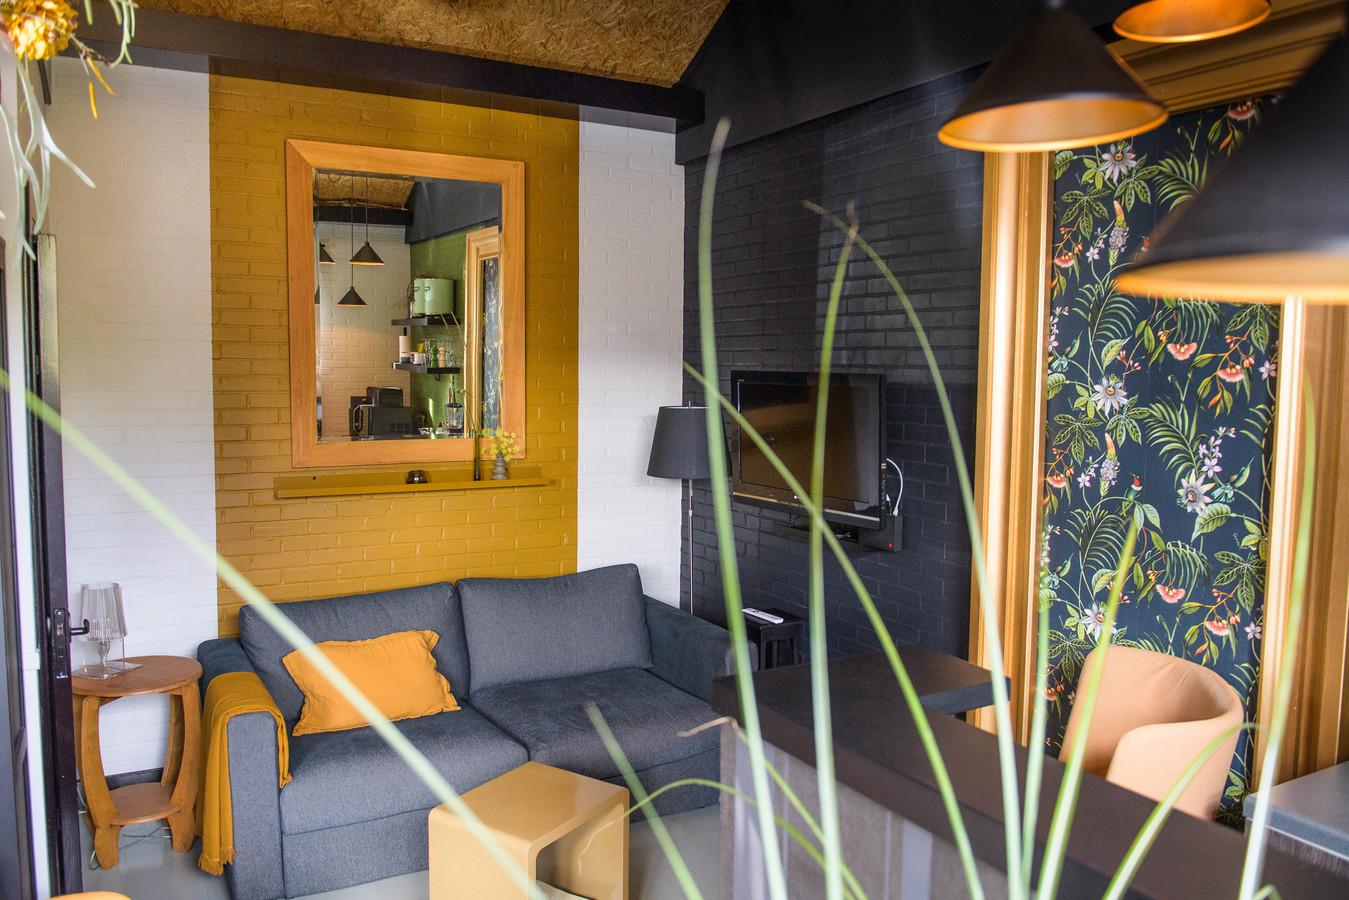 De zithoek in het appartement, eigen design met veel hergebruikte materialen.